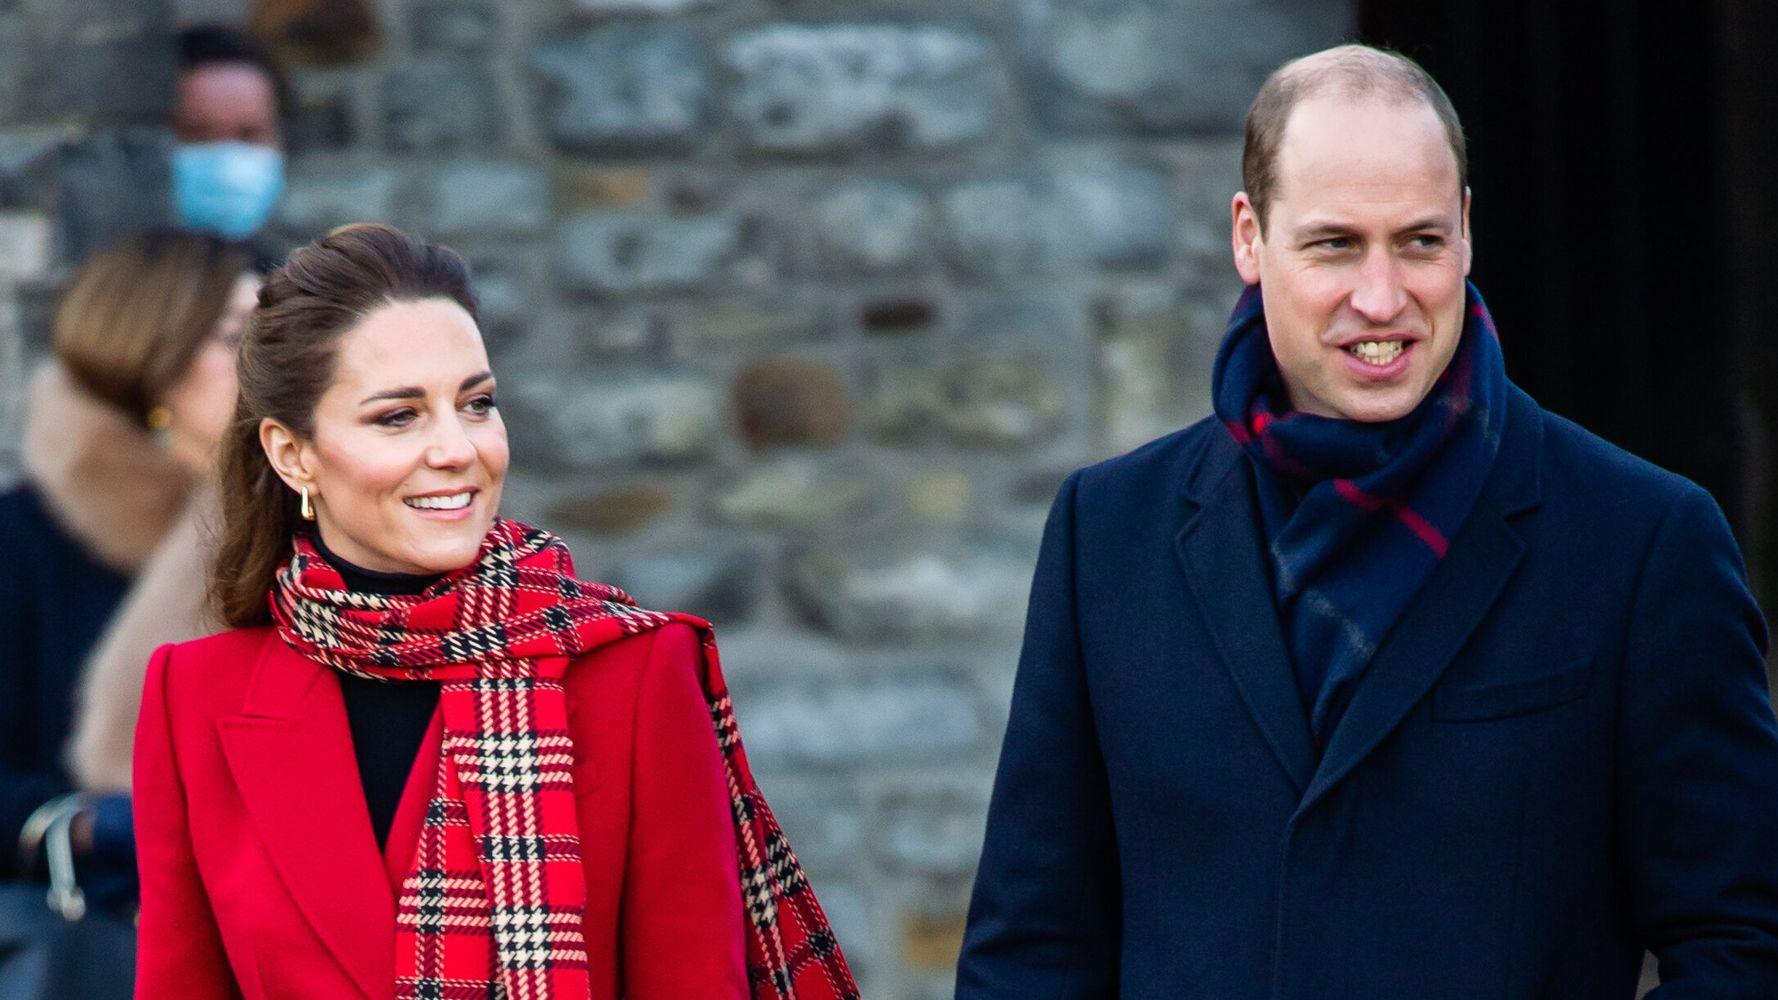 Кейт Миддлтон и принц Уильям официально выпустили рождественскую открытку 2020 года